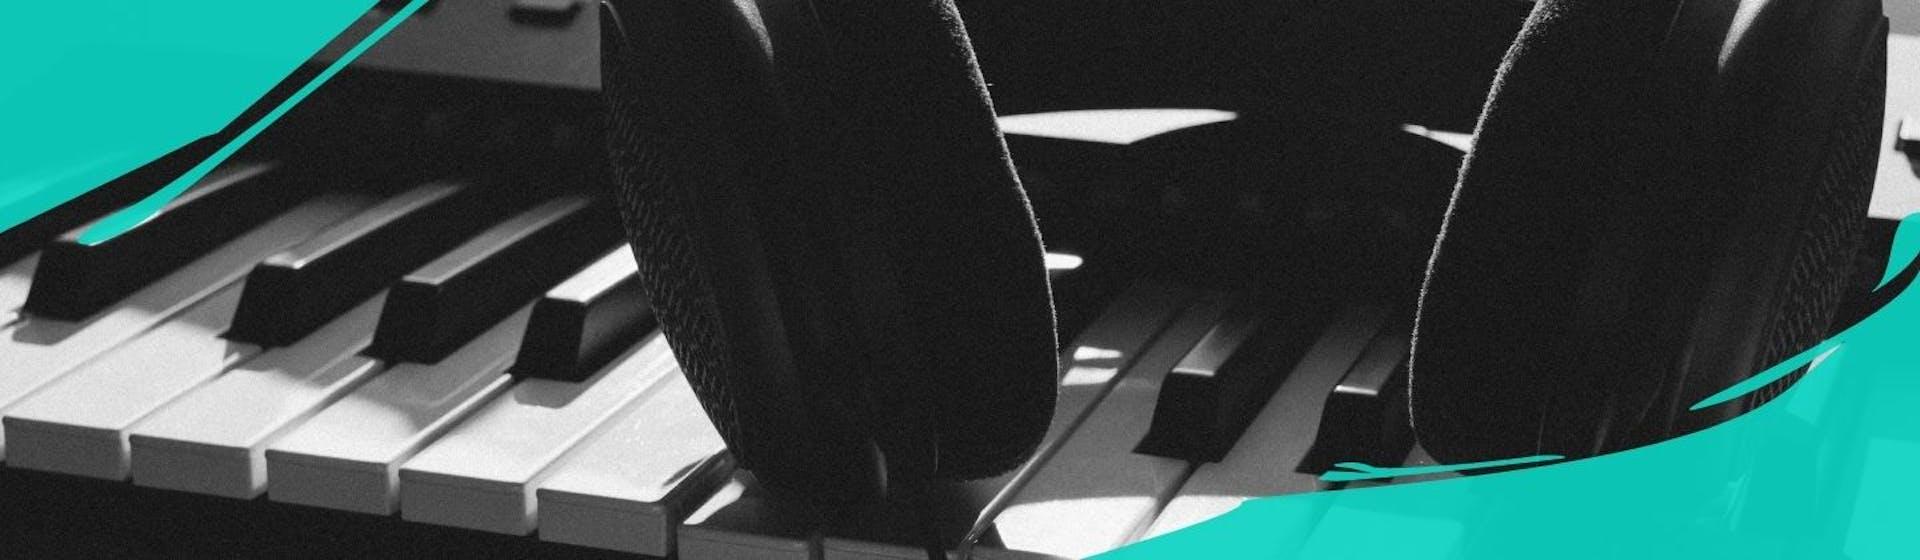 Es tempo de saber ¿Qué es la composición musical?